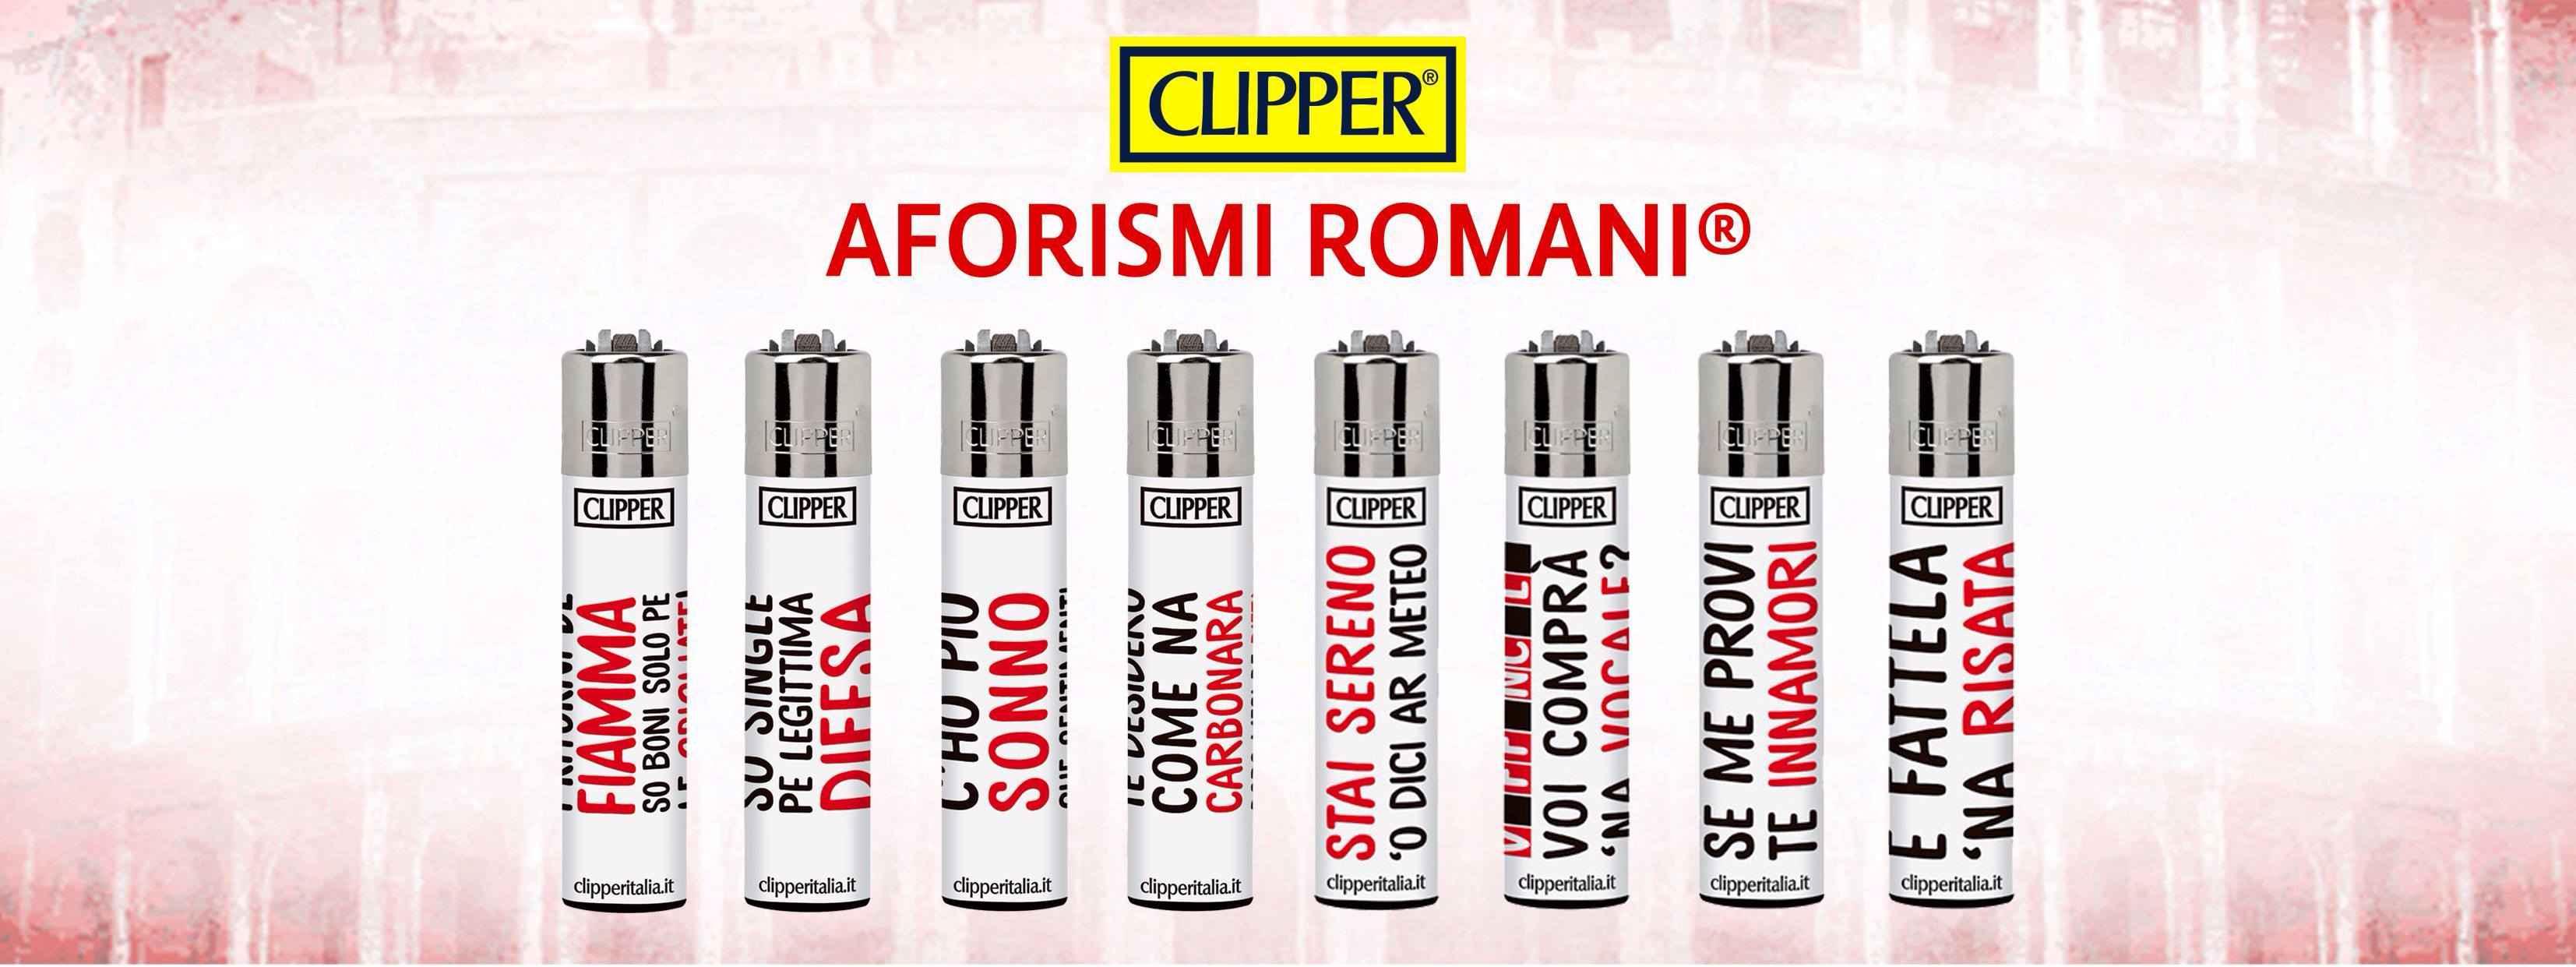 Aforismi Romani e Clipper in Limited Edition